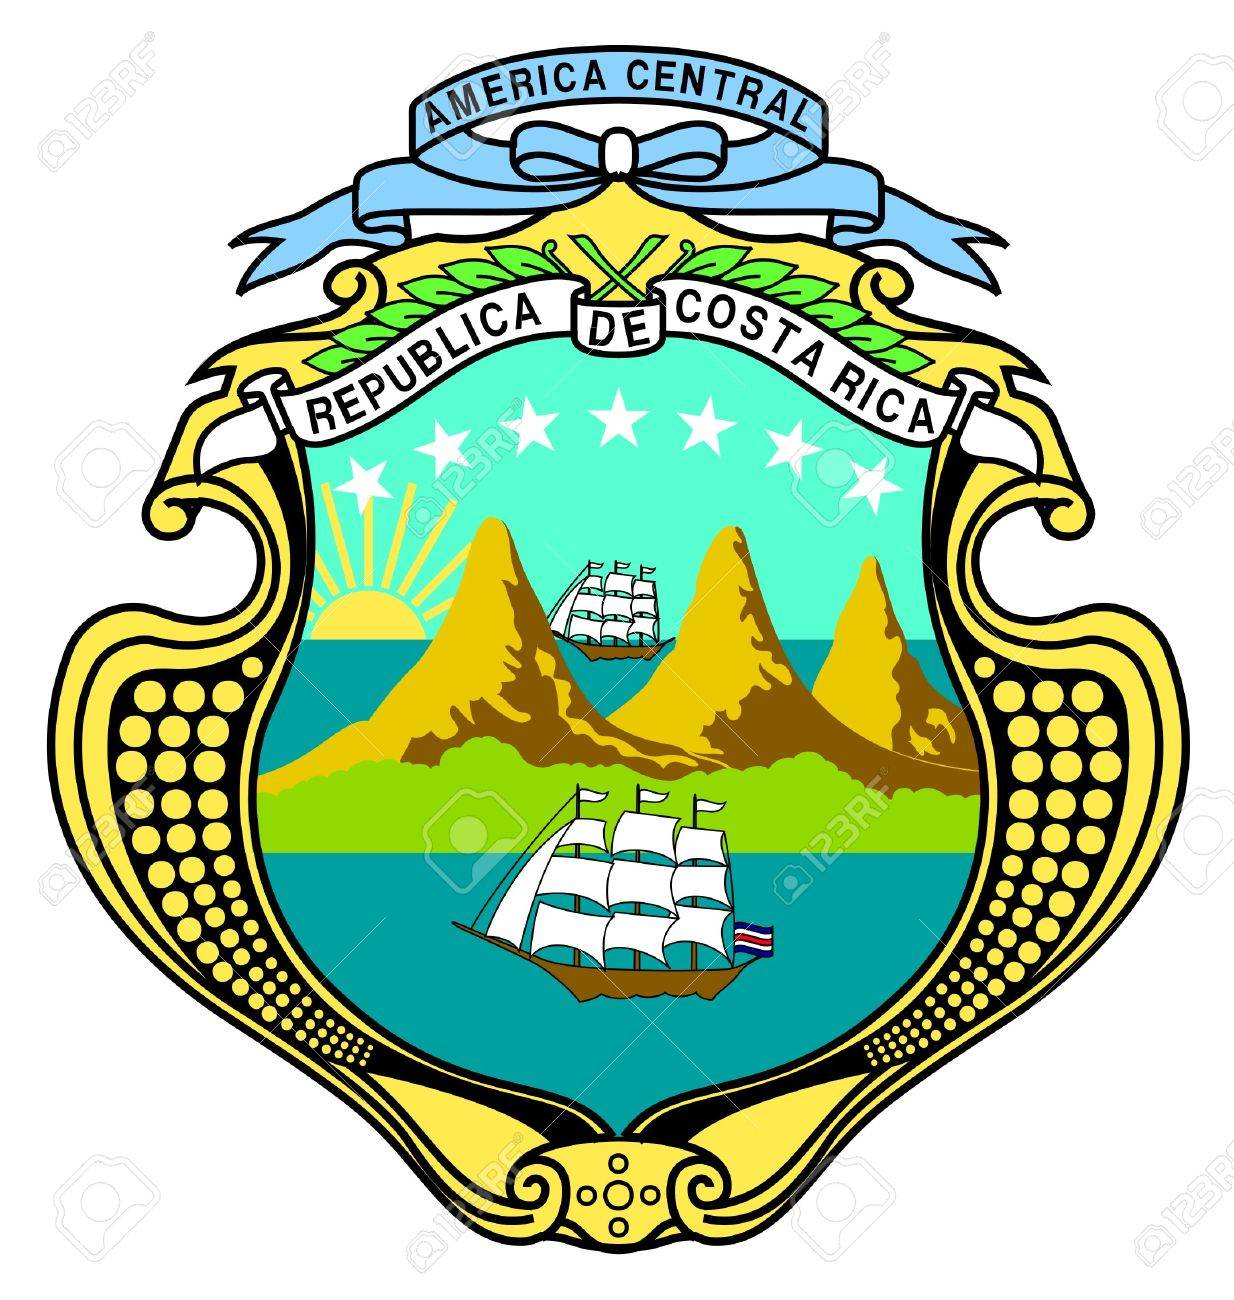 コスタリカの紋章、シールまたは国章、白い背景で隔離されました。 の ...